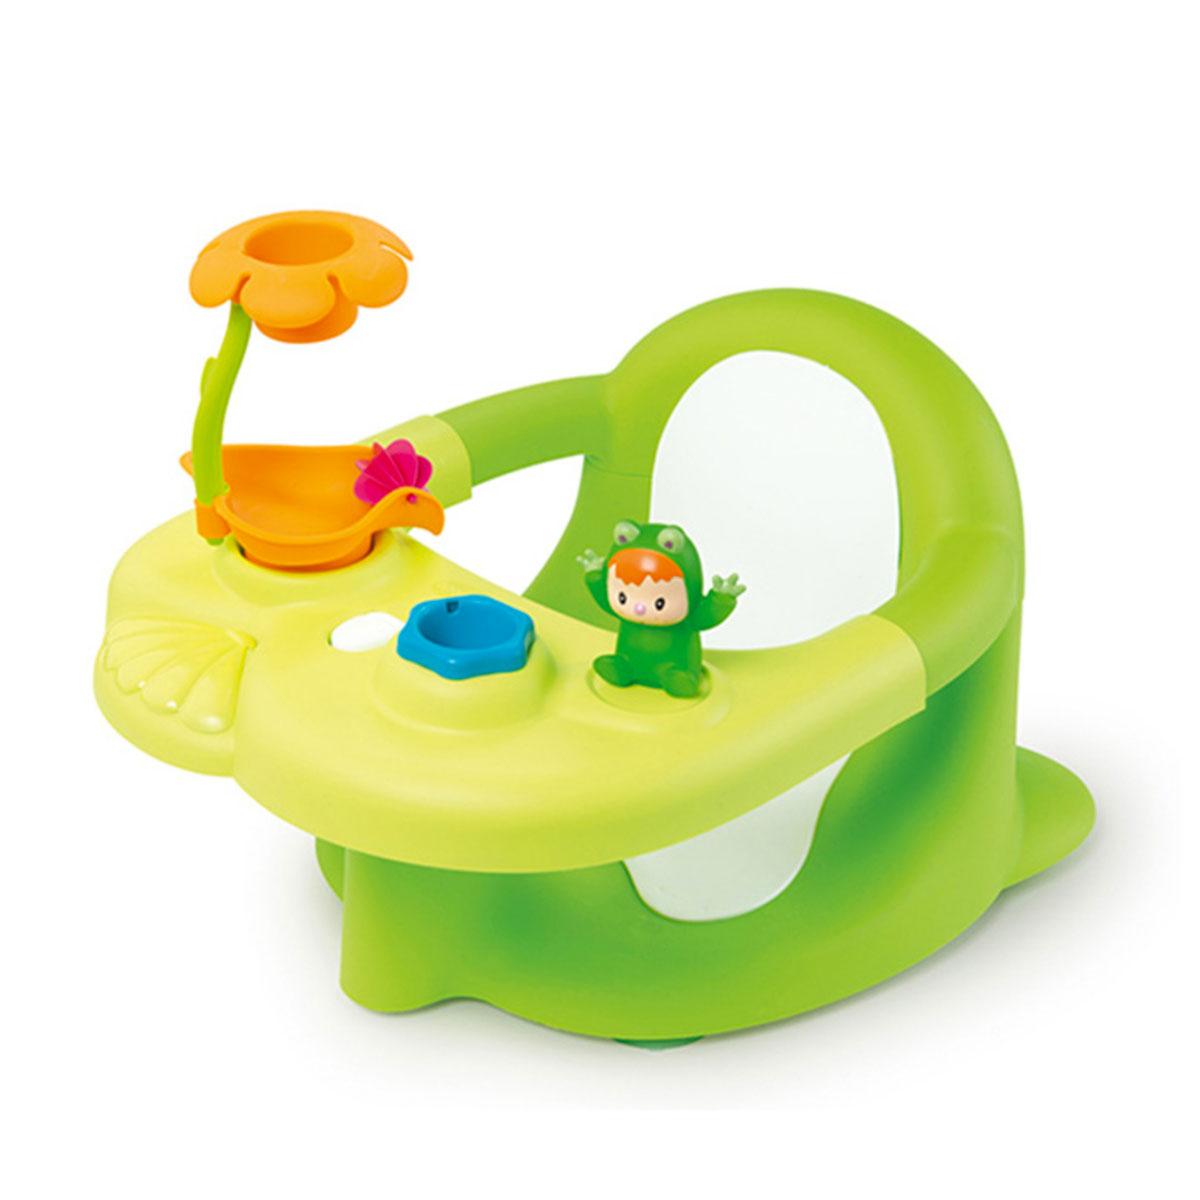 cerceau de bain pour bébé